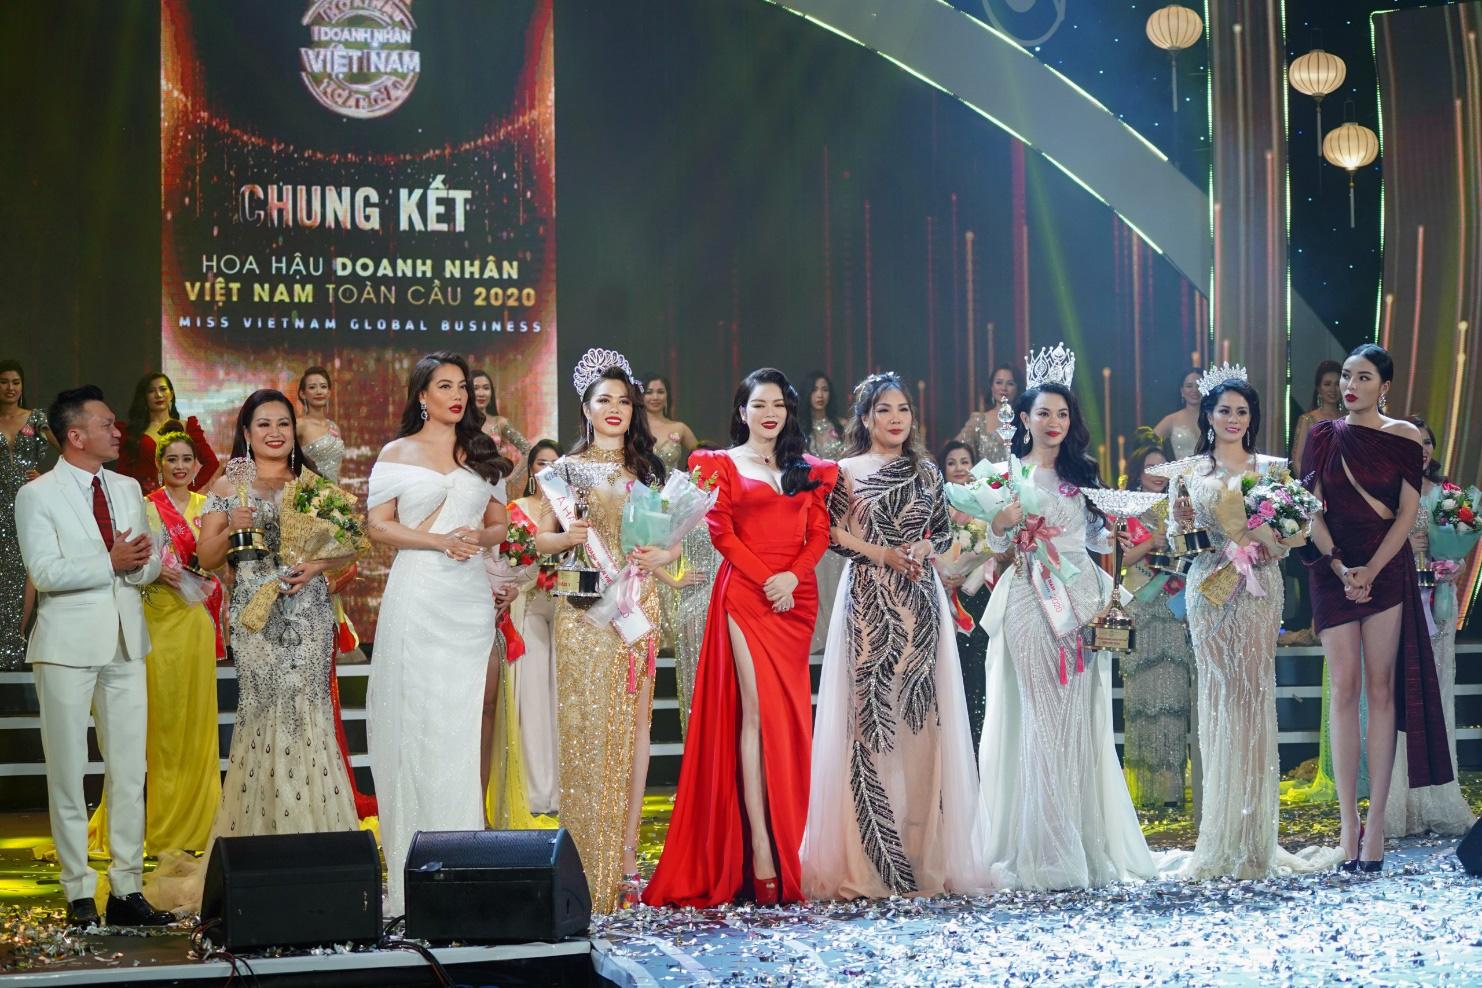 Doanh nhân Vũ Thị Ngọc Anh đăng quang Hoa hậu Doanh nhân Việt Nam Toàn cầu 2020 - Ảnh 6.